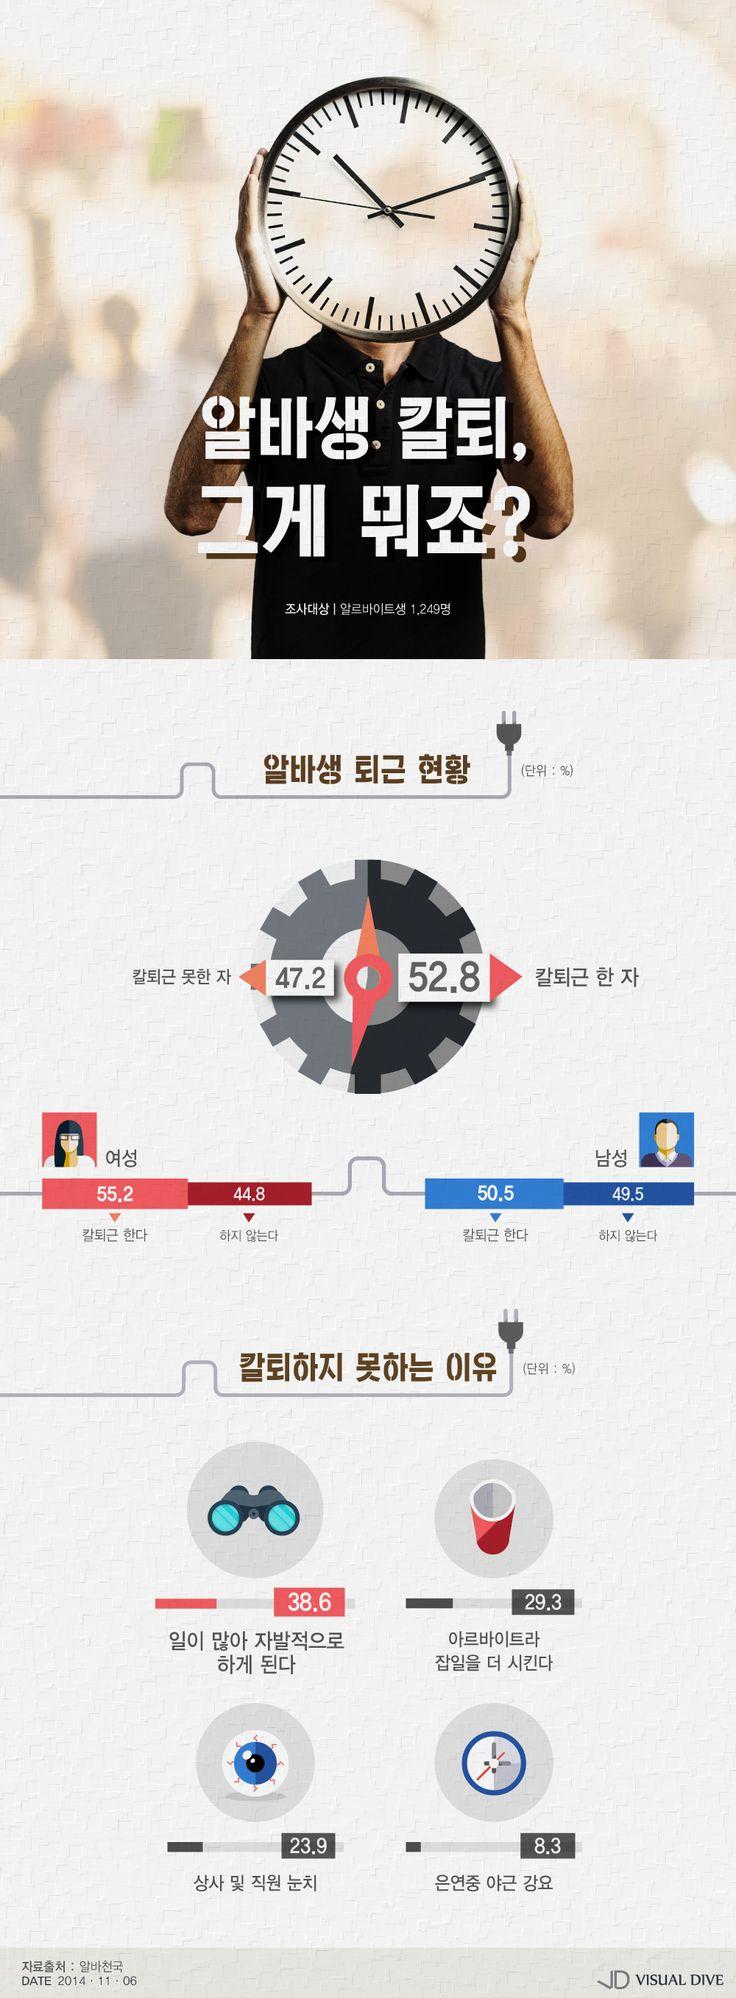 '칼퇴근'하지 못하는 아르바이트생 44.8%…왜? [인포그래픽] #parttime / #Infographic ⓒ 비주얼다이브 무단 복사·전재·재배포 금지